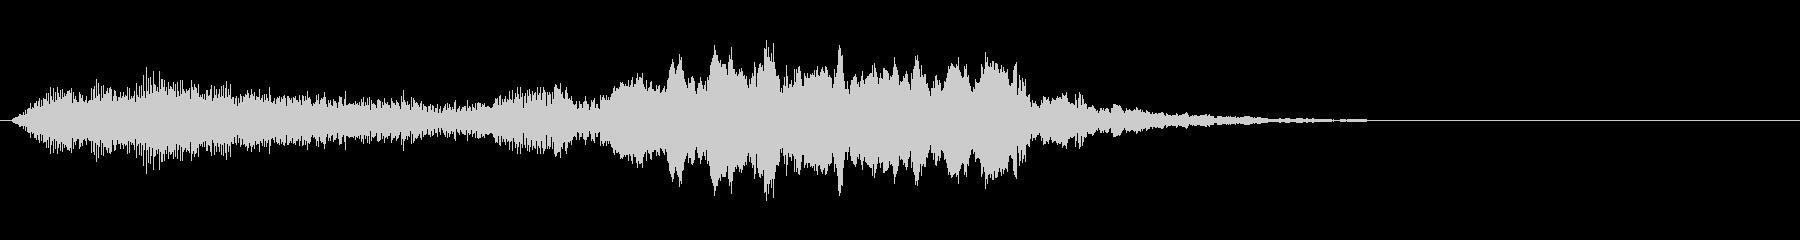 怪獣や化け物の効果音の未再生の波形